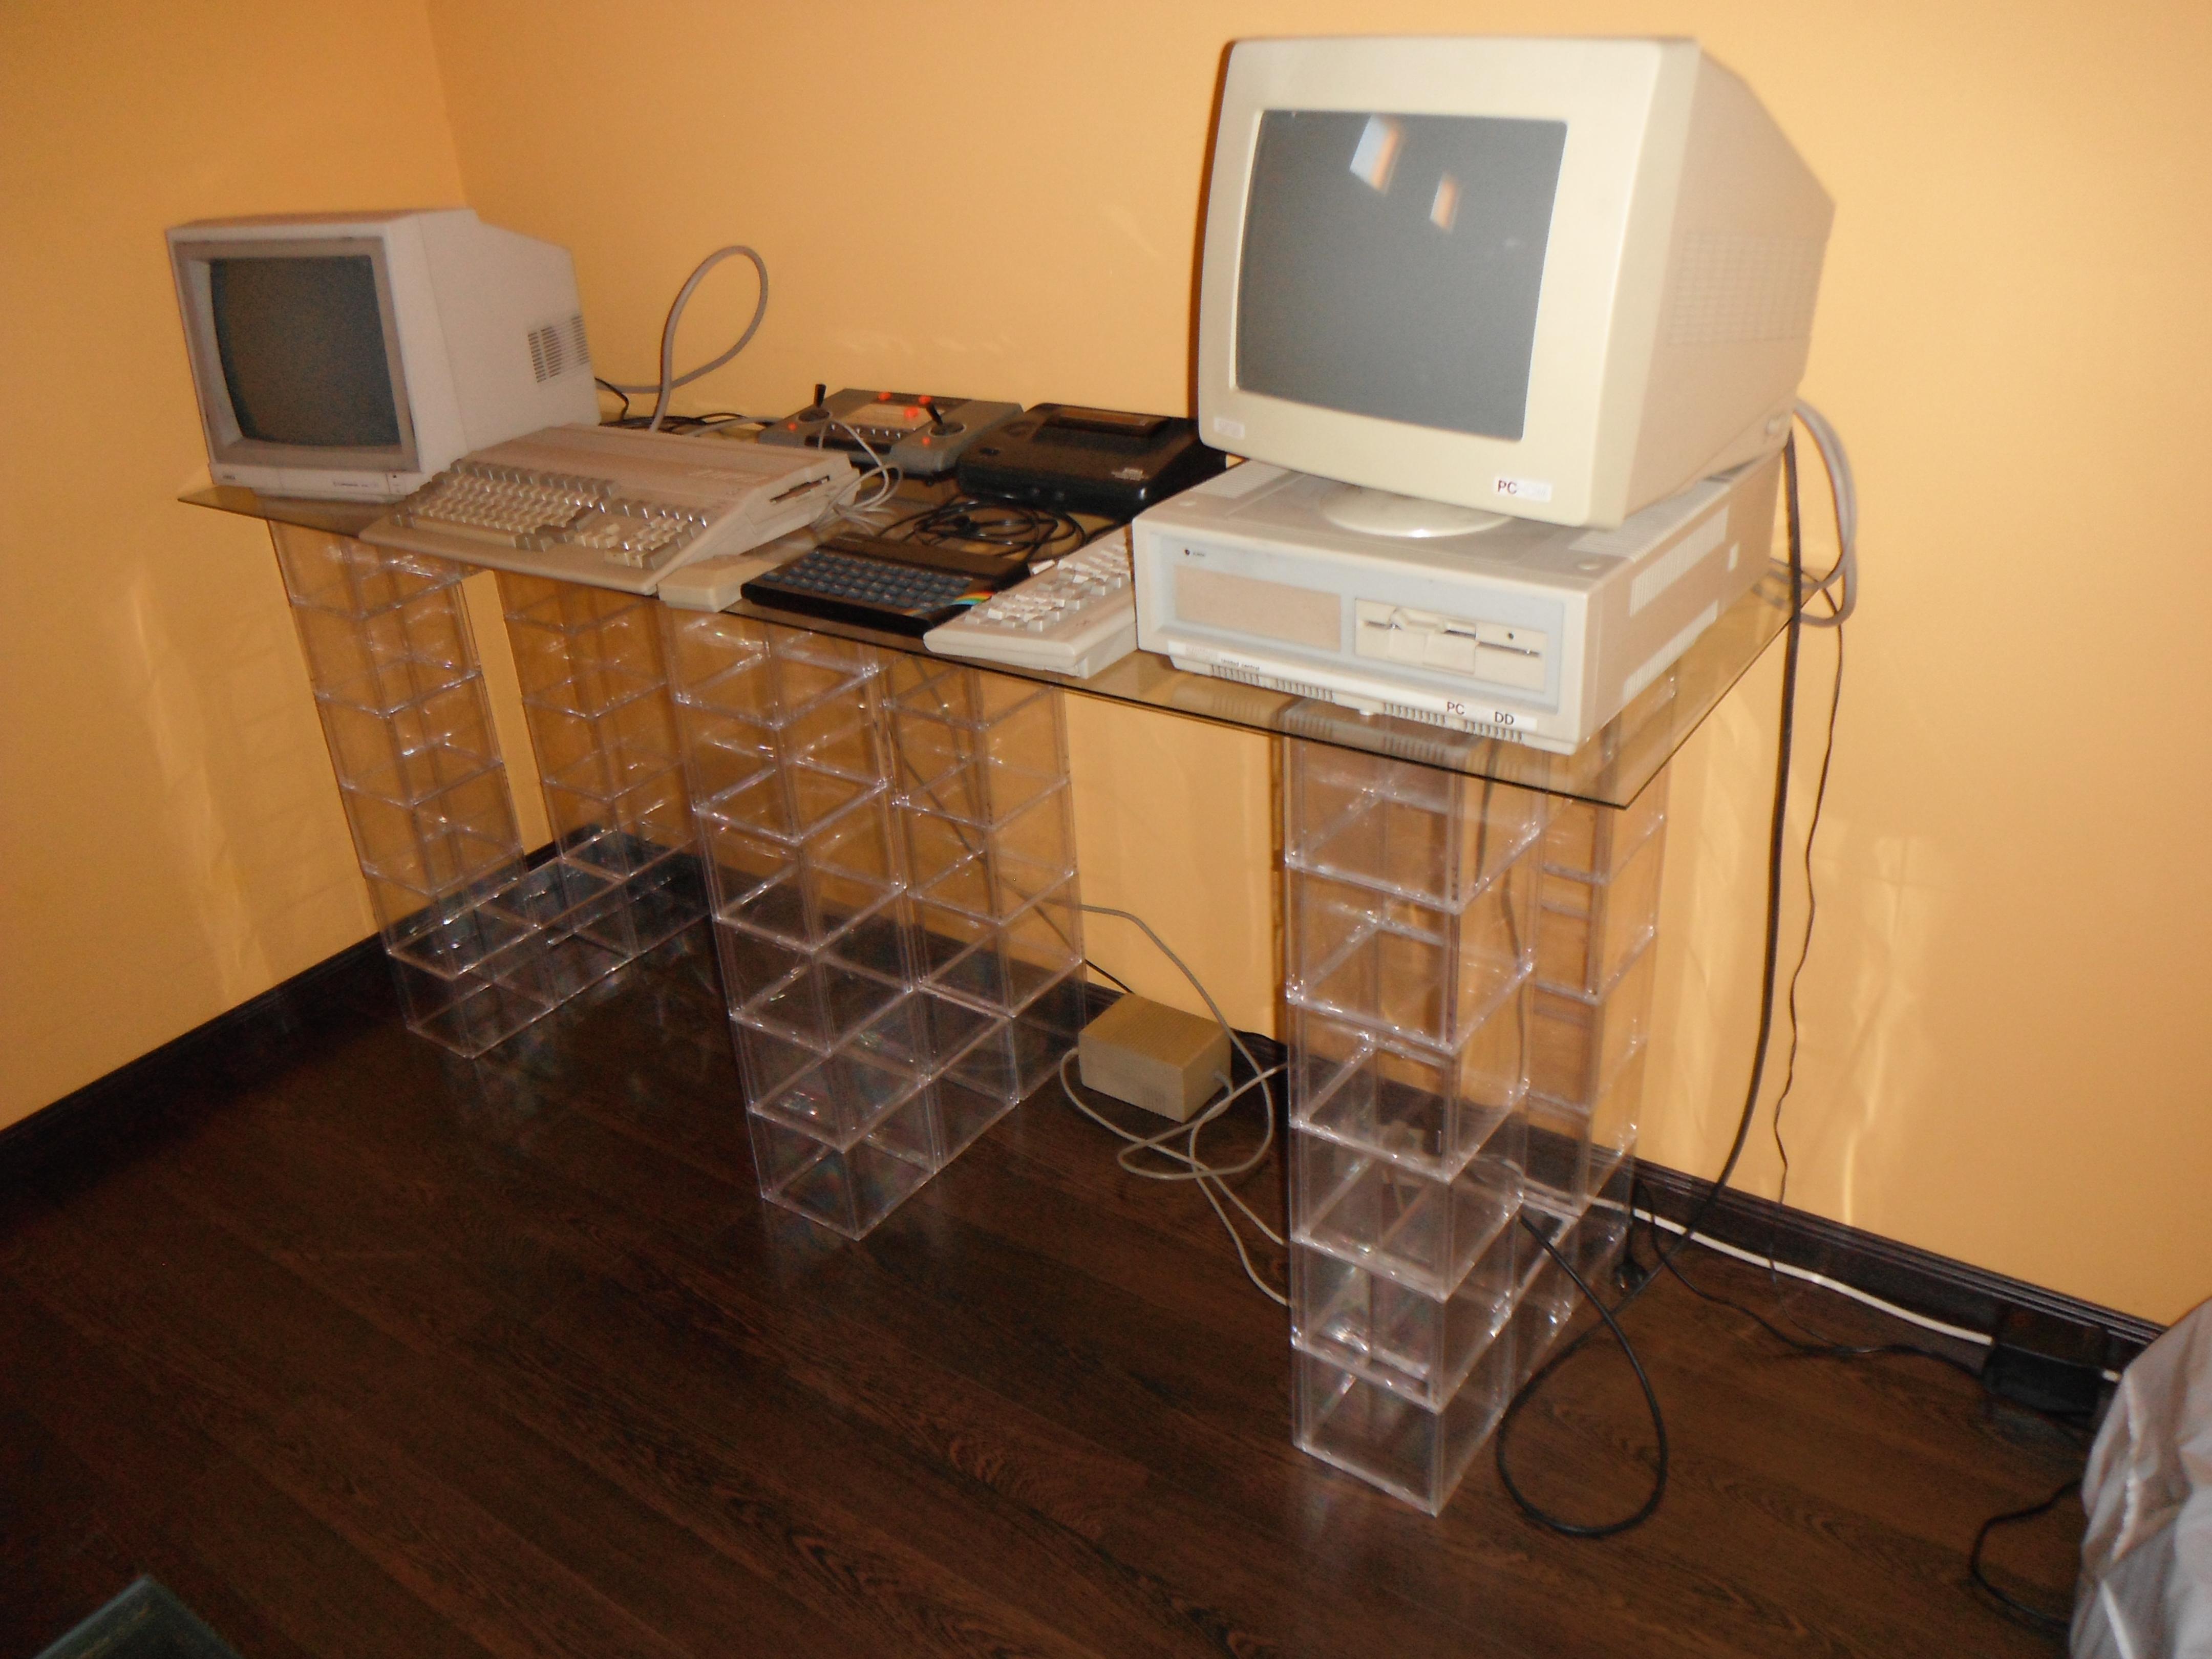 Mesa con cajas de CD